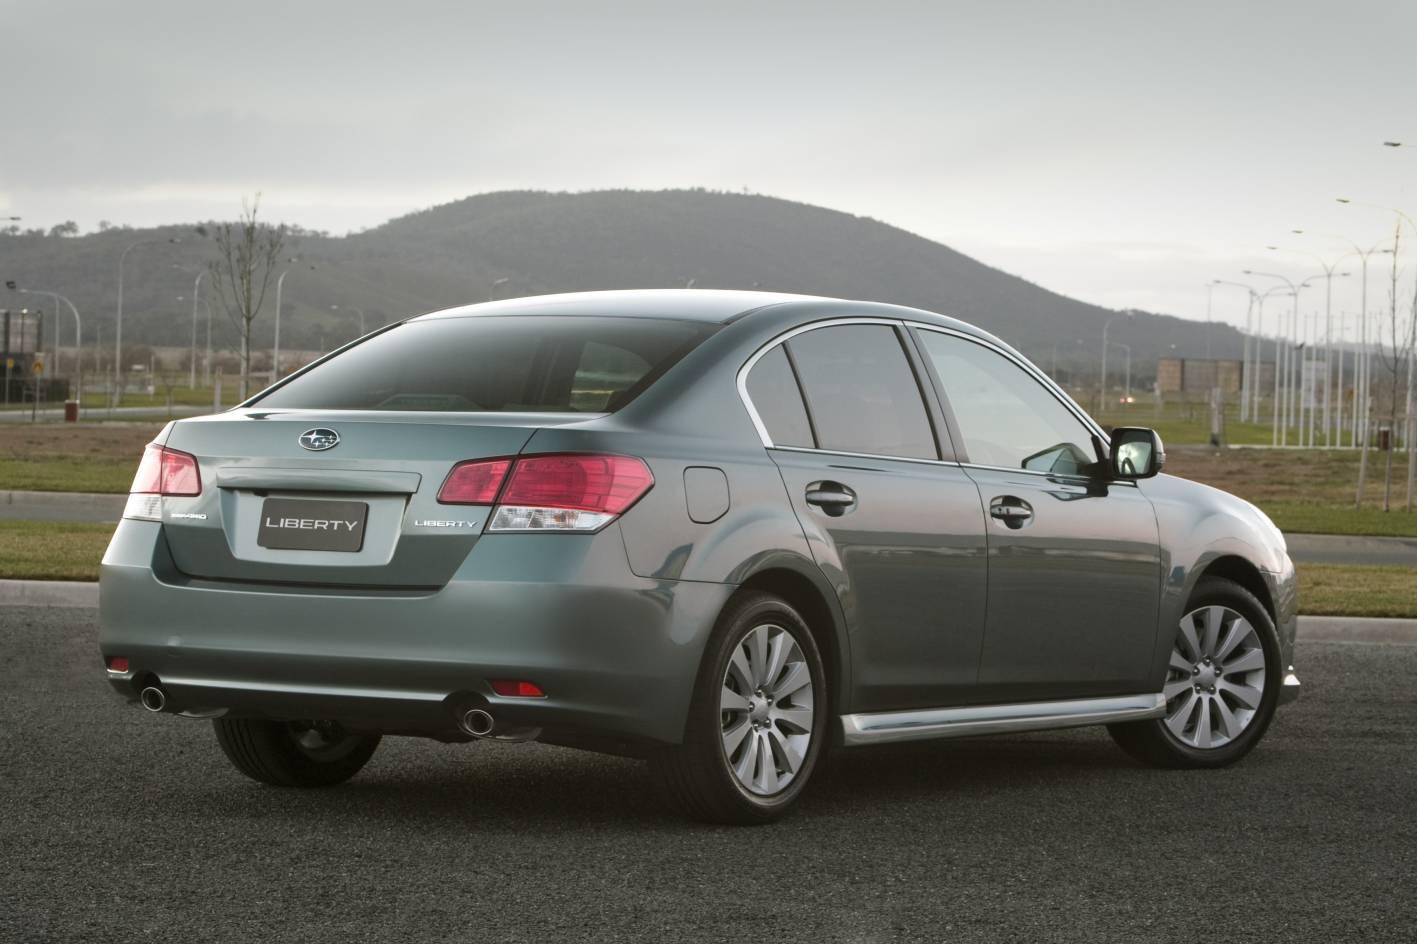 2012 Subaru Liberty Gets Standard Reversing Camera  Full